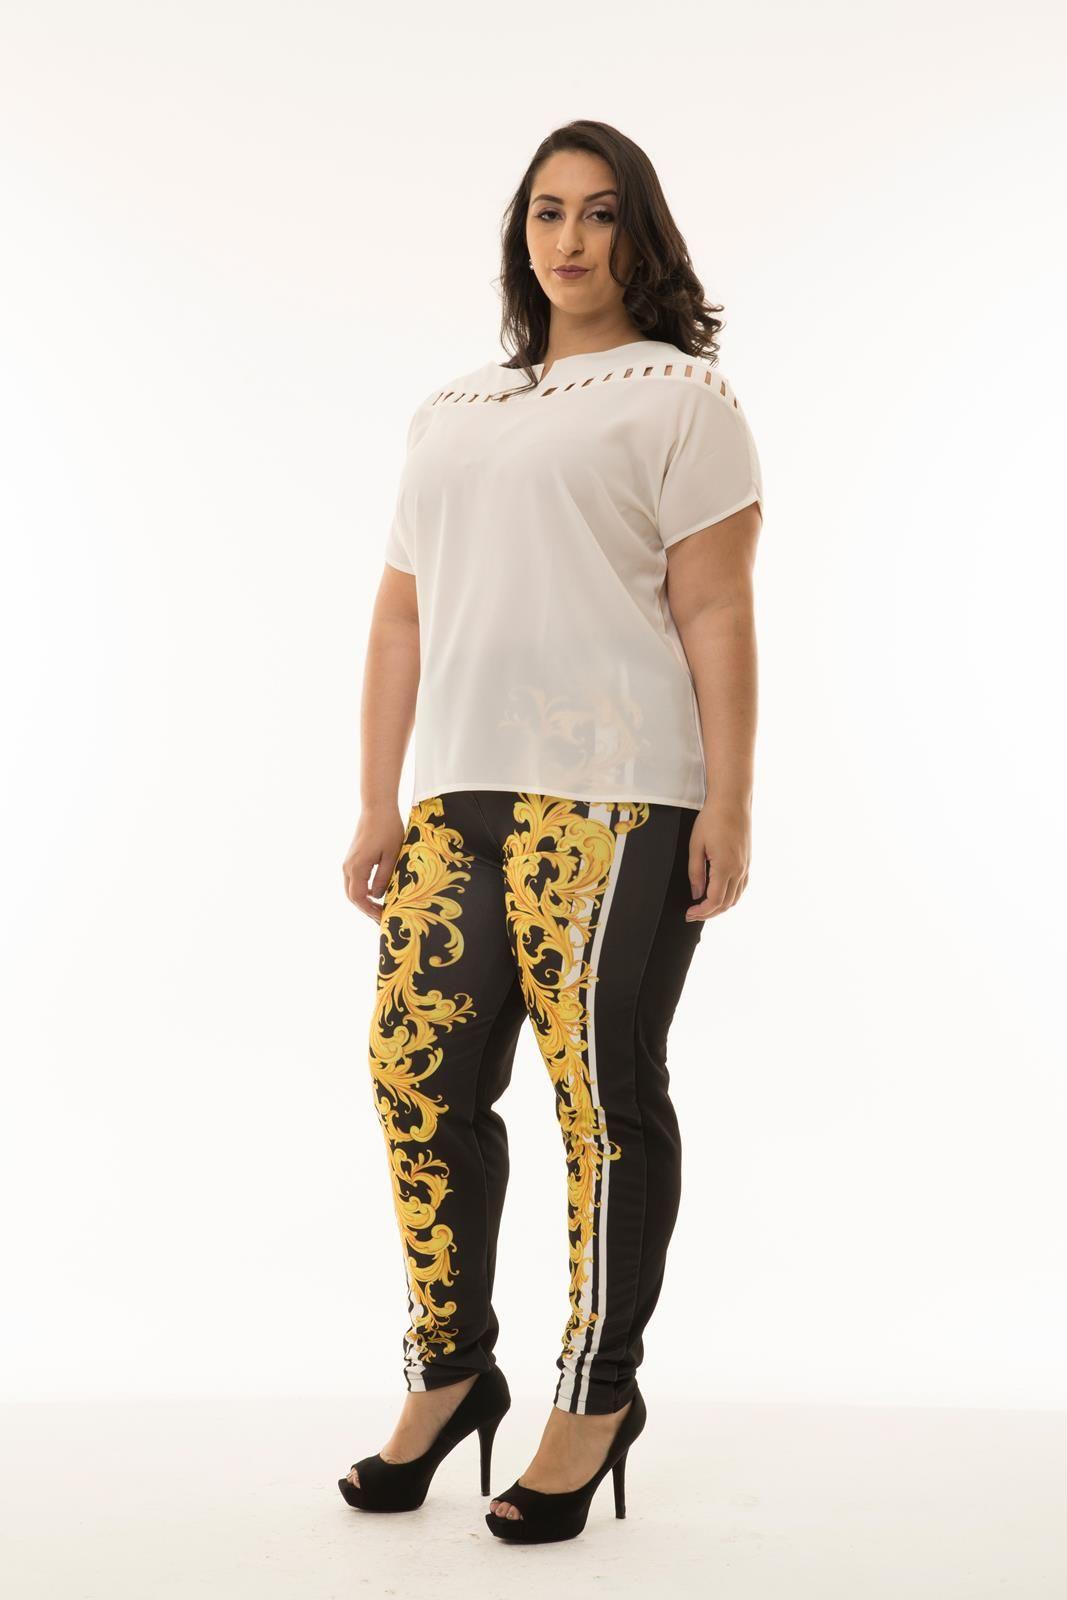 Blusa Plus Size com tiras vazadas